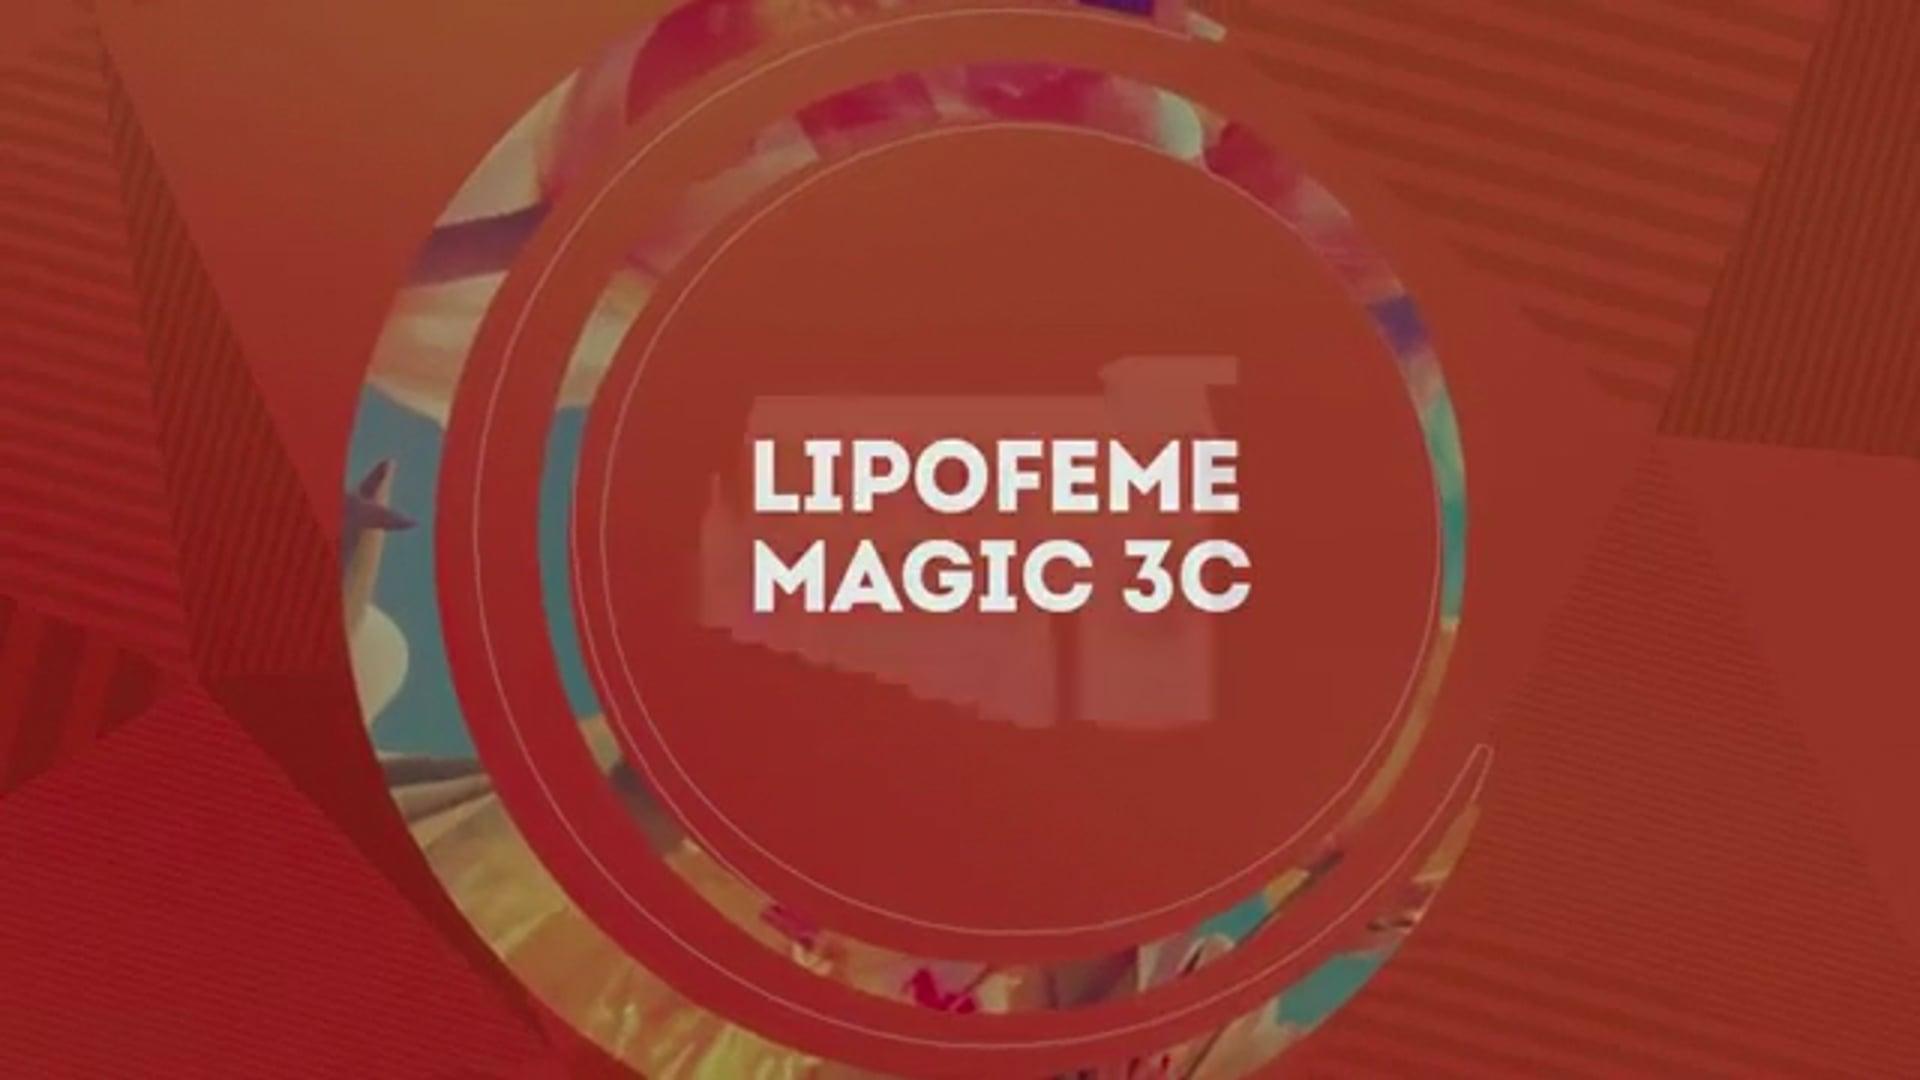 Lipofeme Magic 3C: redução de medidas, celulite e gordura localizada